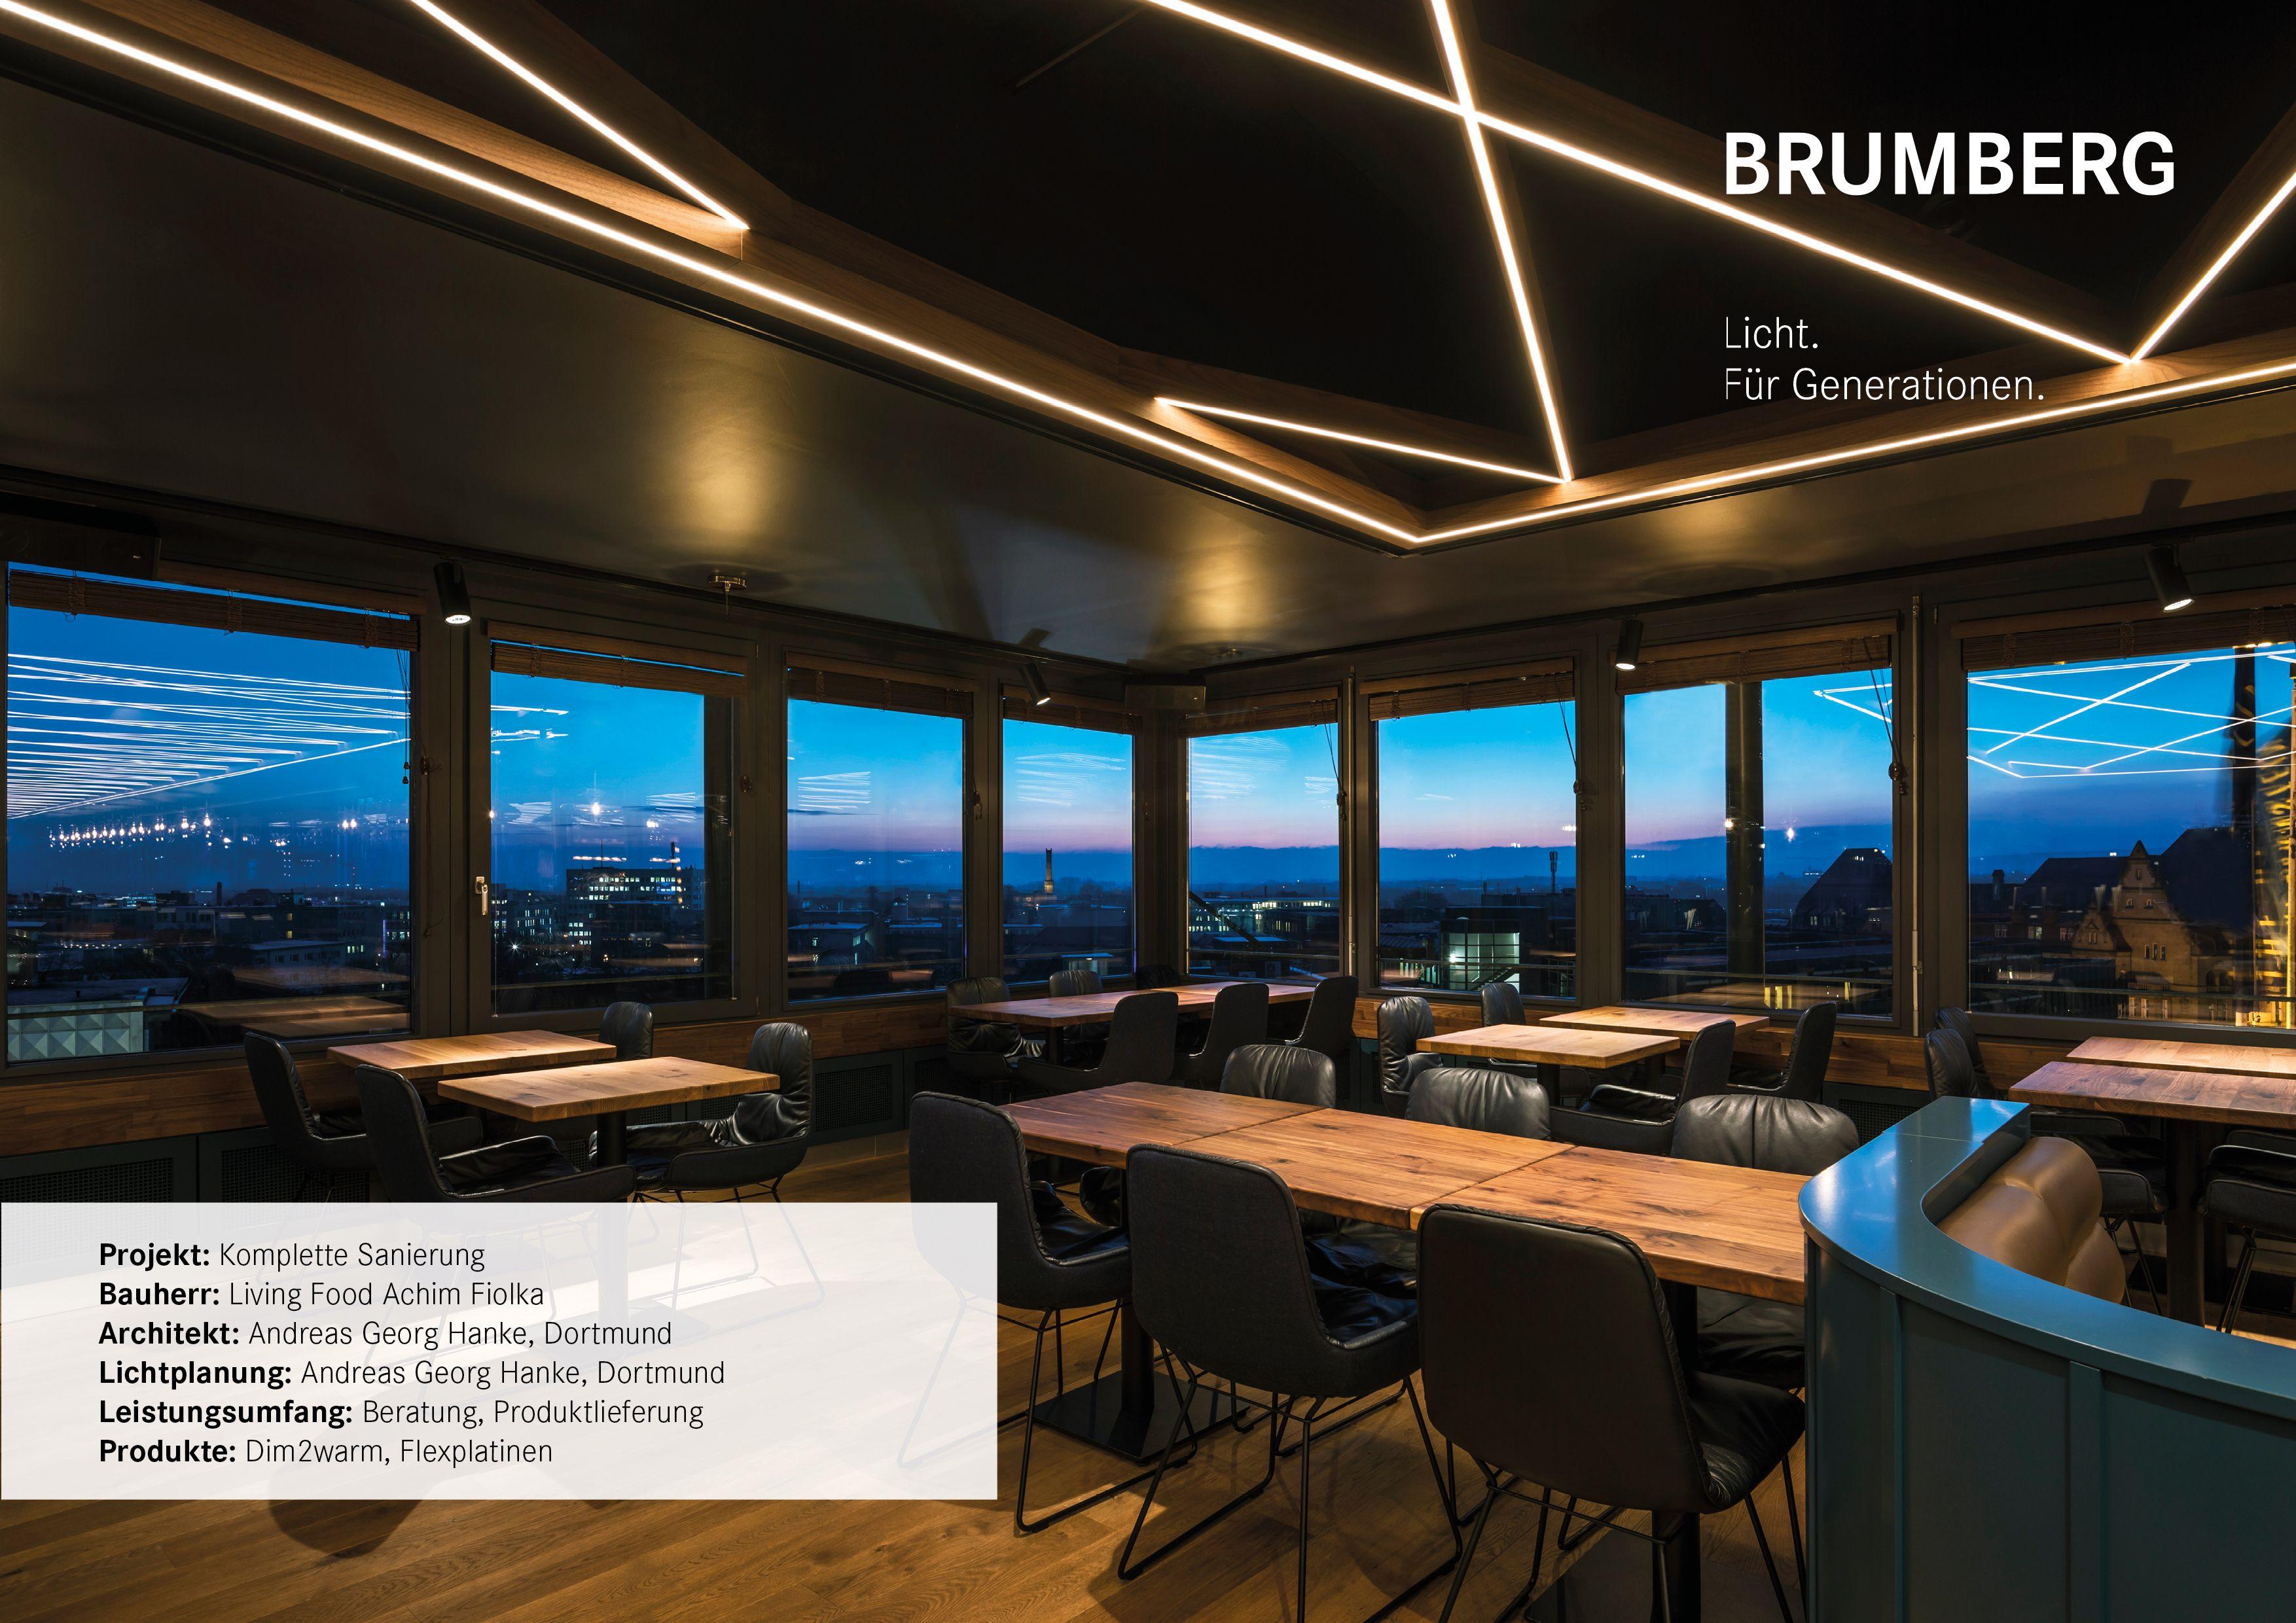 The Bernstein Bielefeld Beleuchtungsprojekt Brumberg In 2020 Lichtkonzept Sanierung Lichtplanung